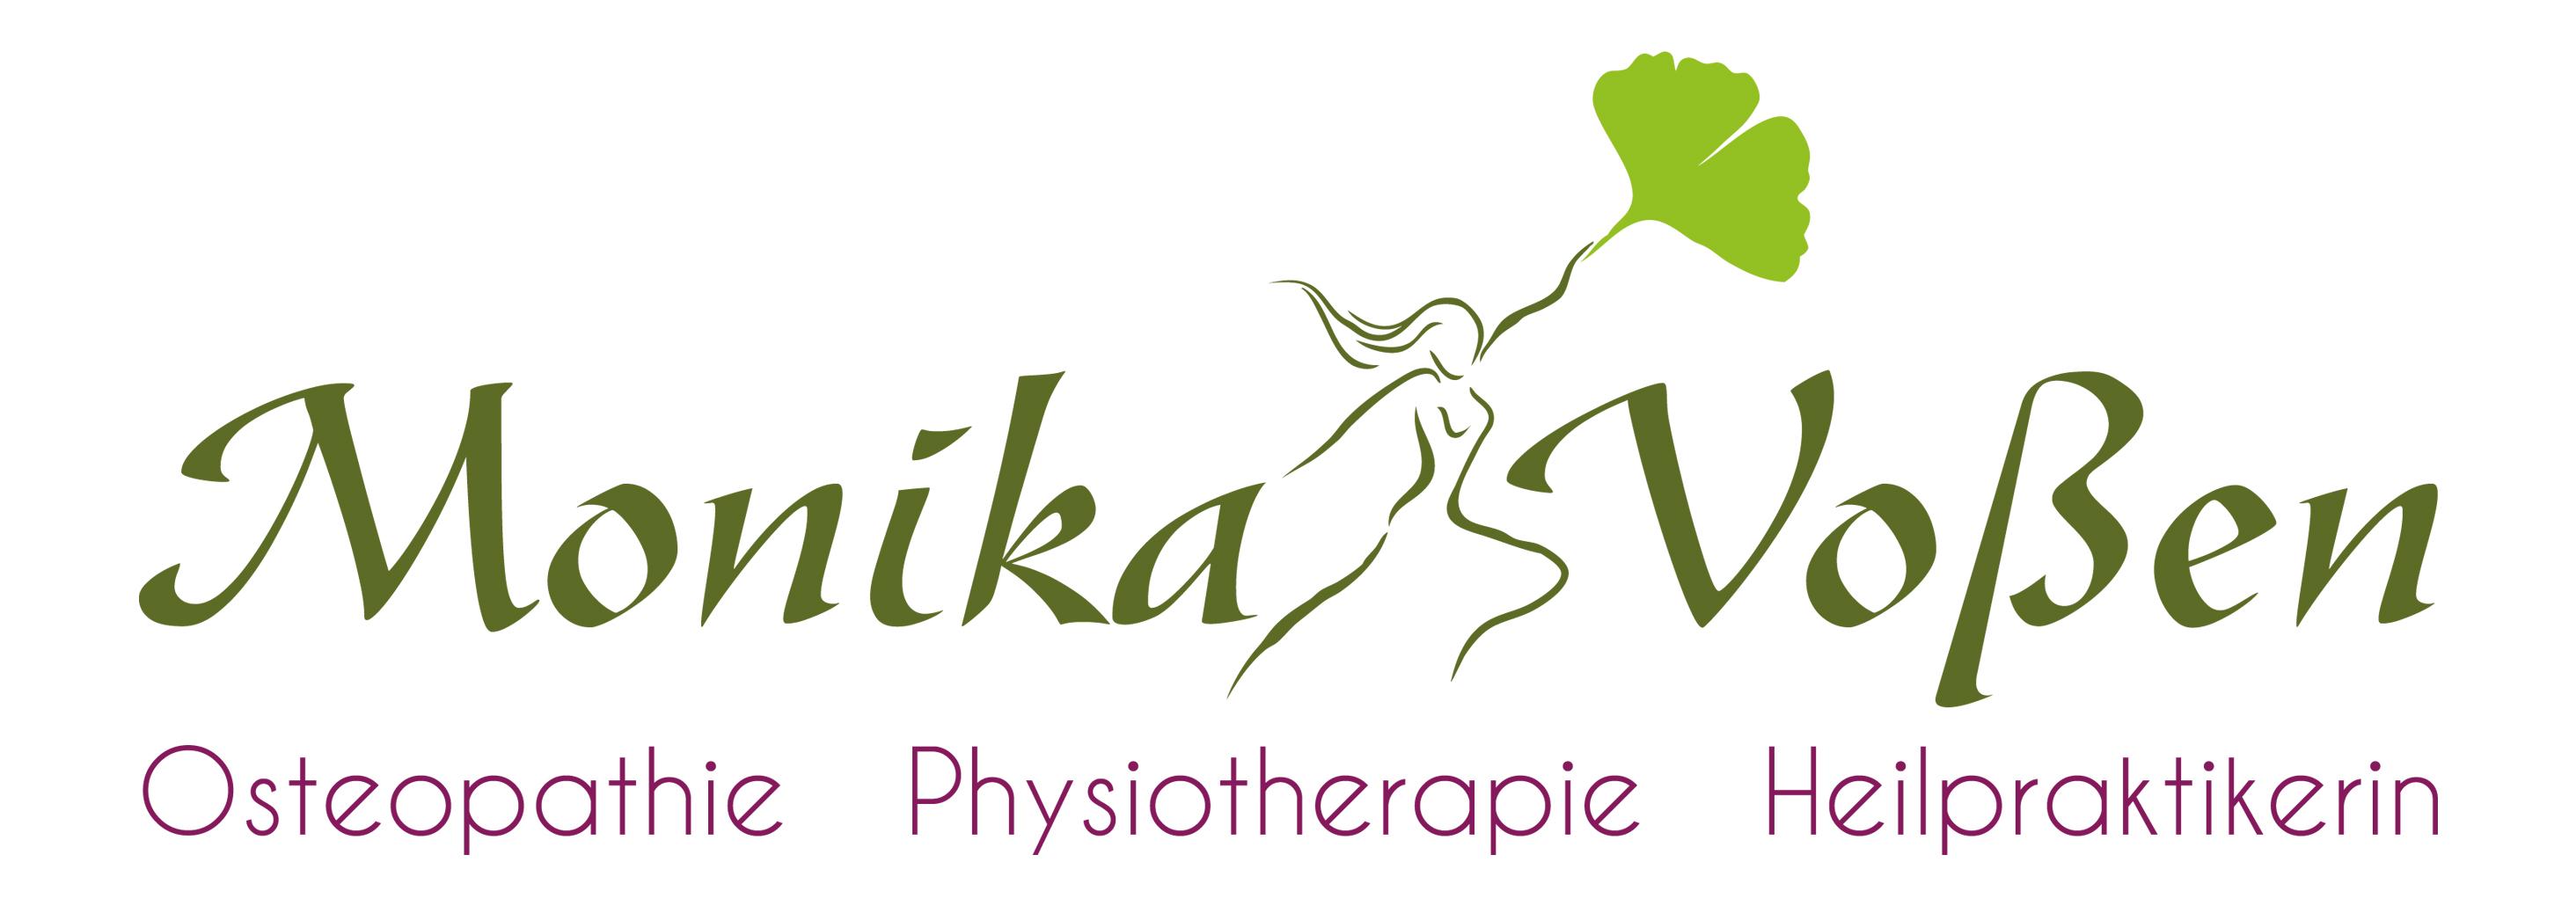 Osteopathie und Physiotherapie sucht Design